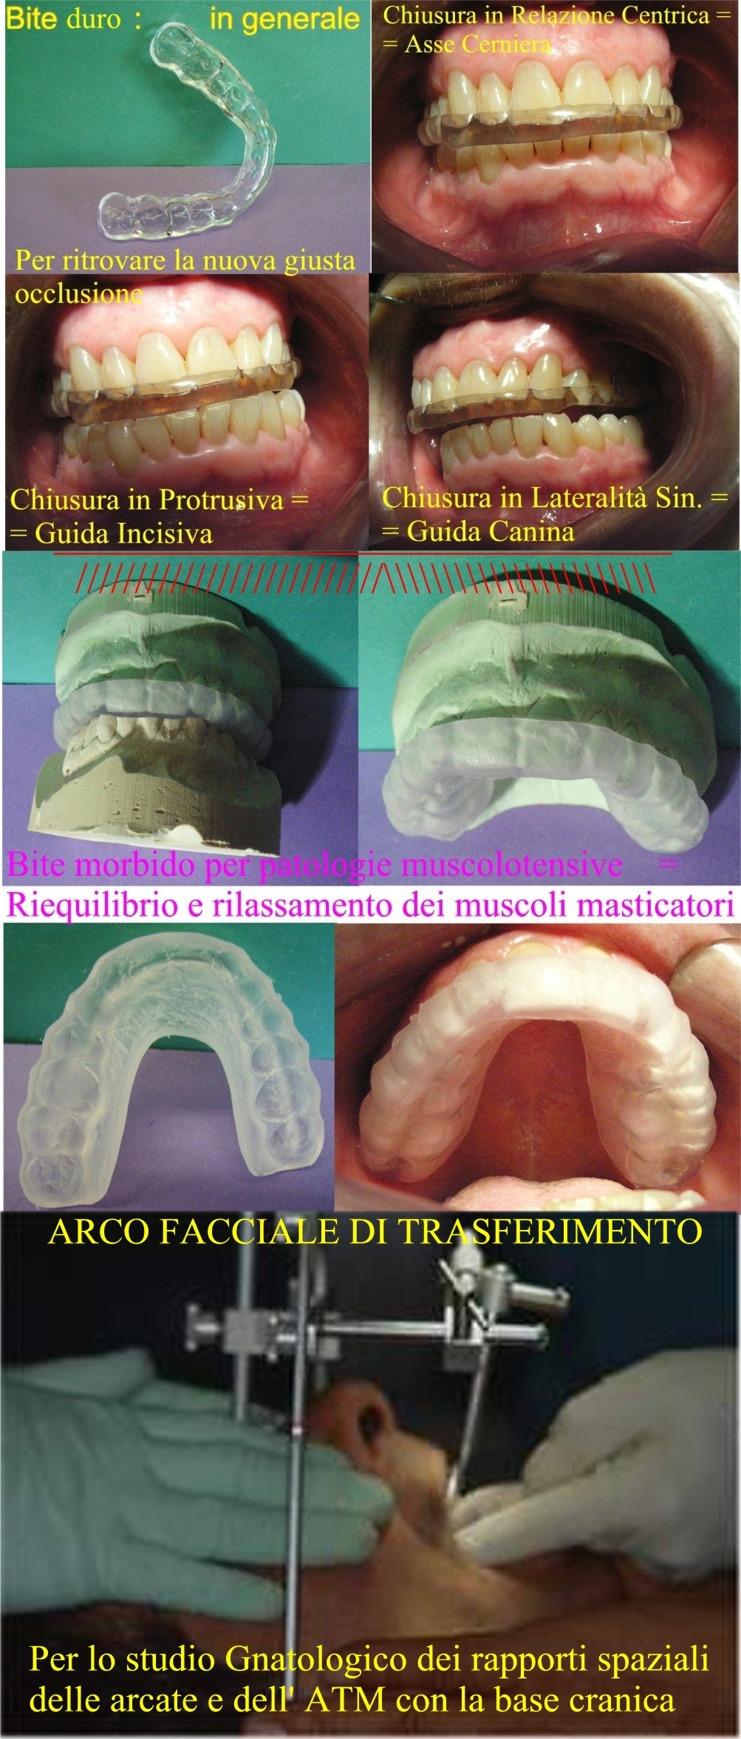 BIte e Arco Facciale di Trasferimento in Gnatologia. Da casistica del Dr. Gustavo Petti Gntologo Parodontologo di Cagliari